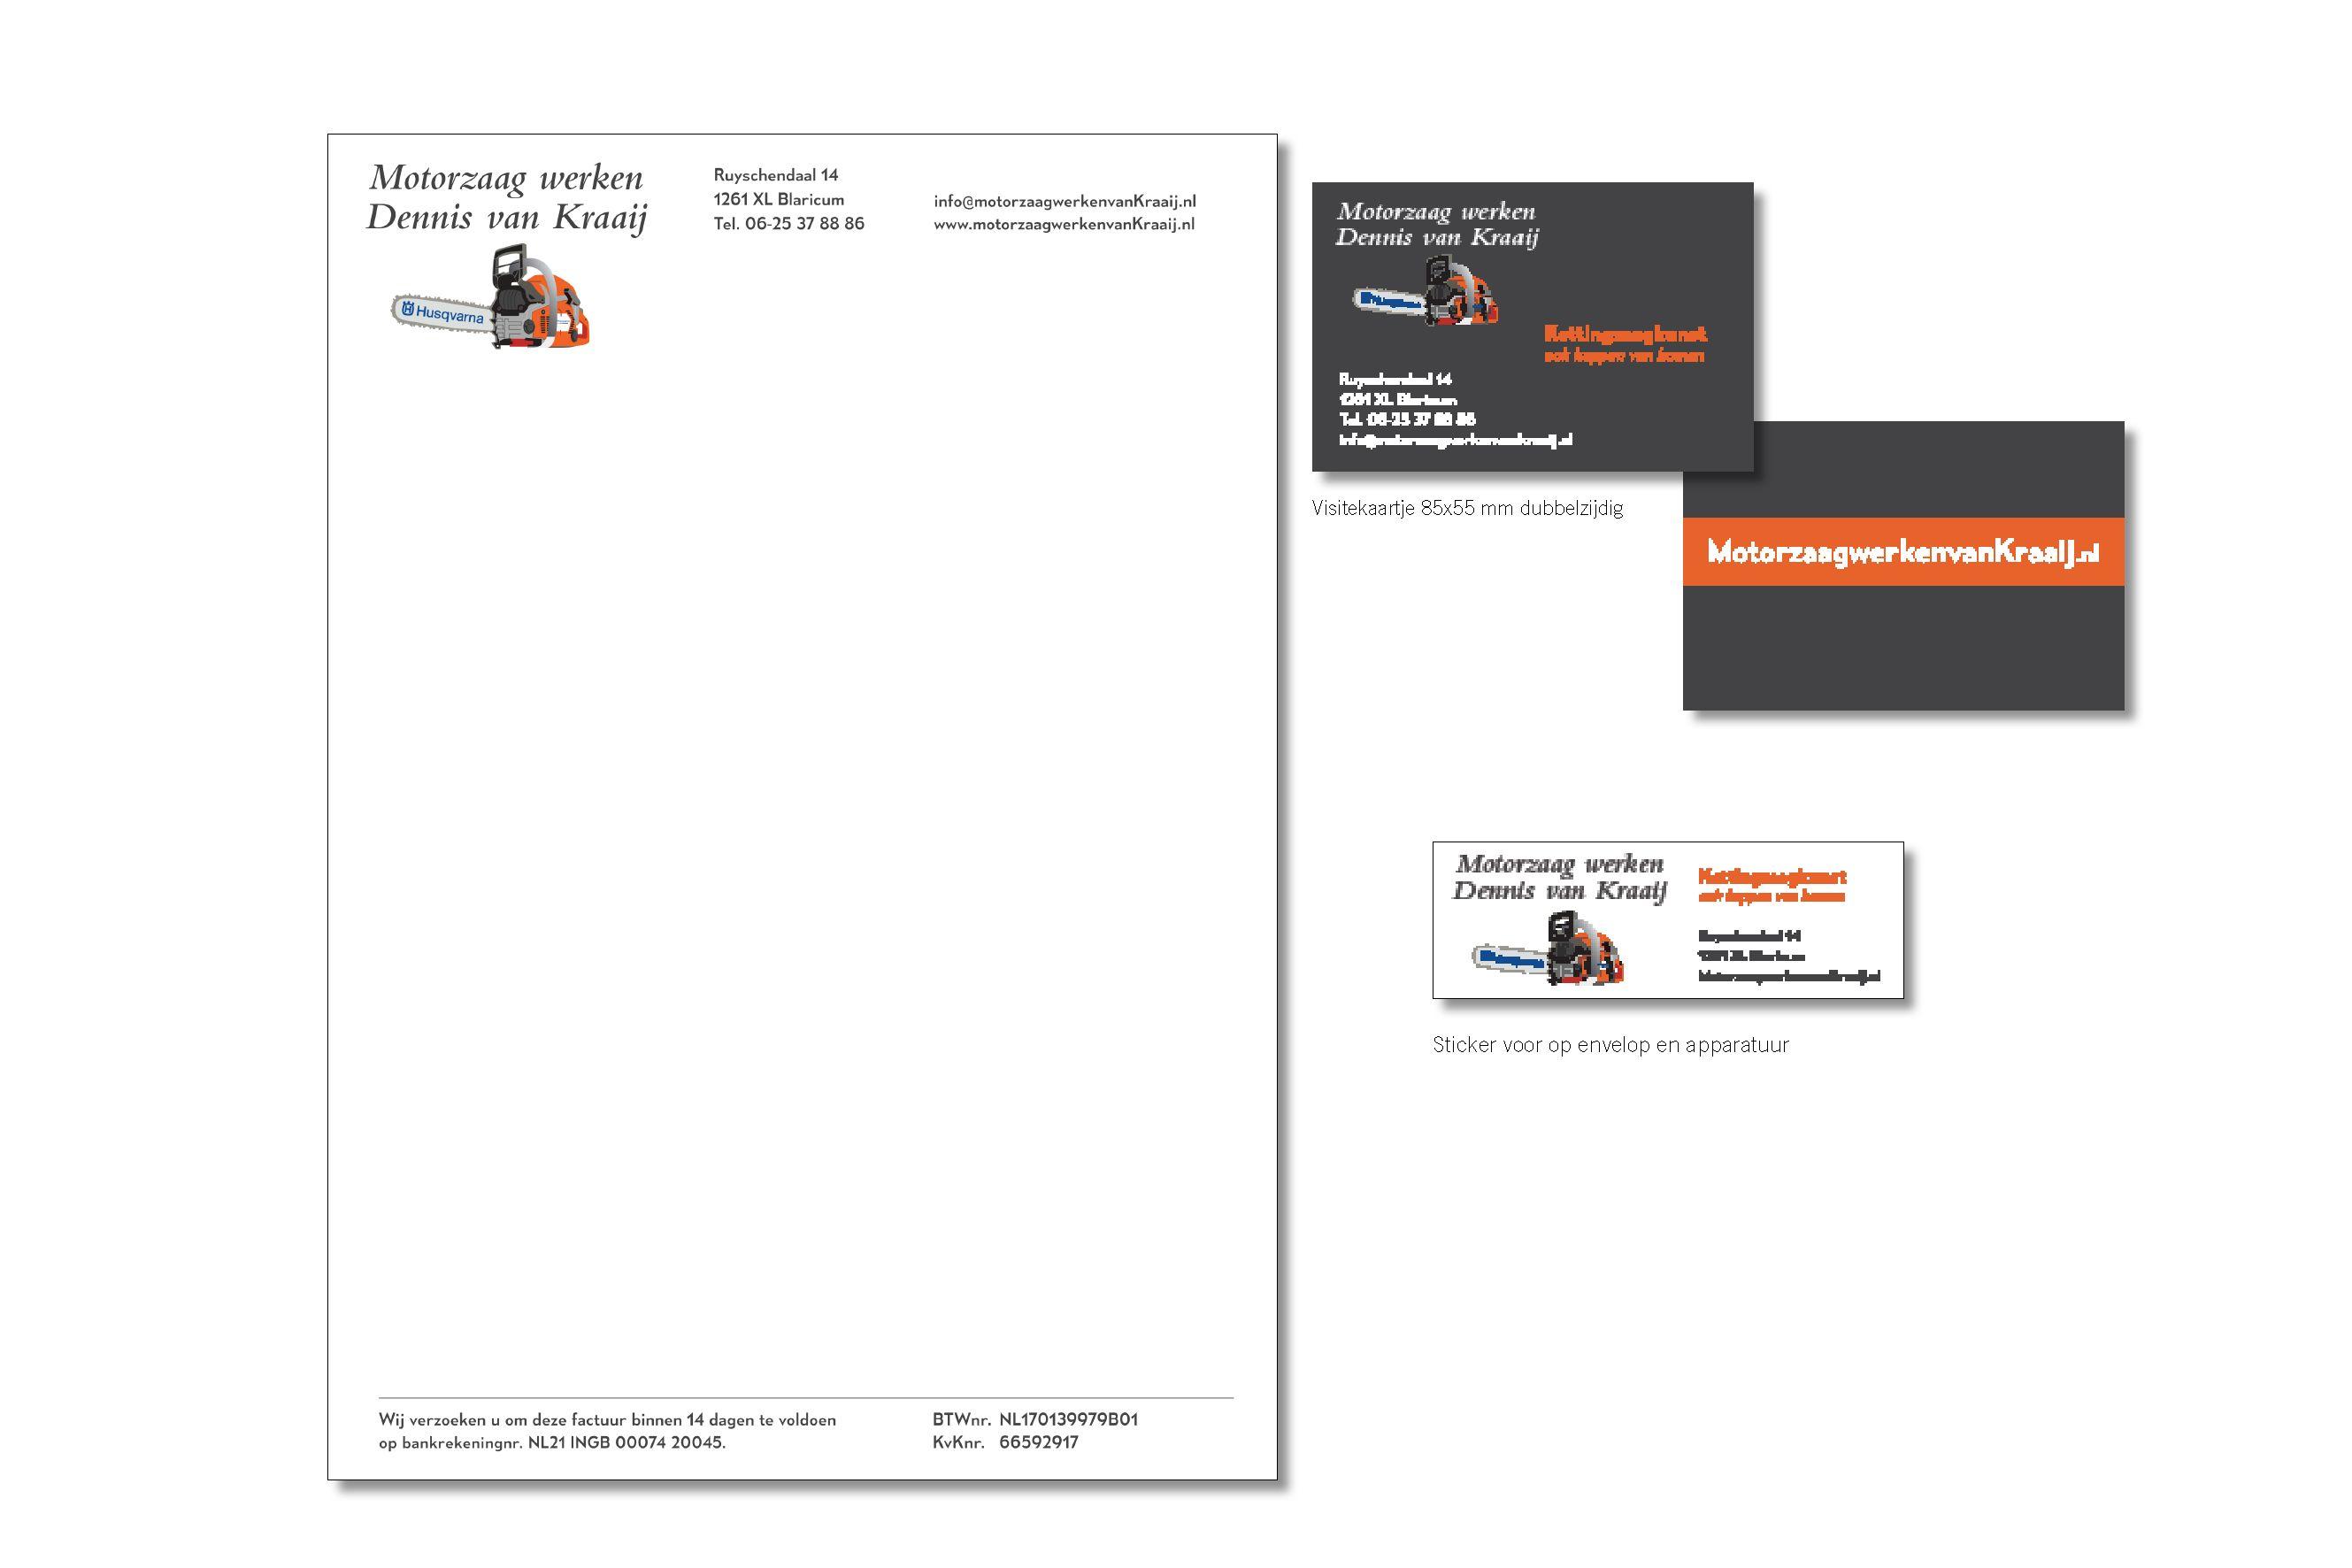 CC-Grafisch-Ontwerp_ontwerp-huisstijl-Dennis-van-Kraaij